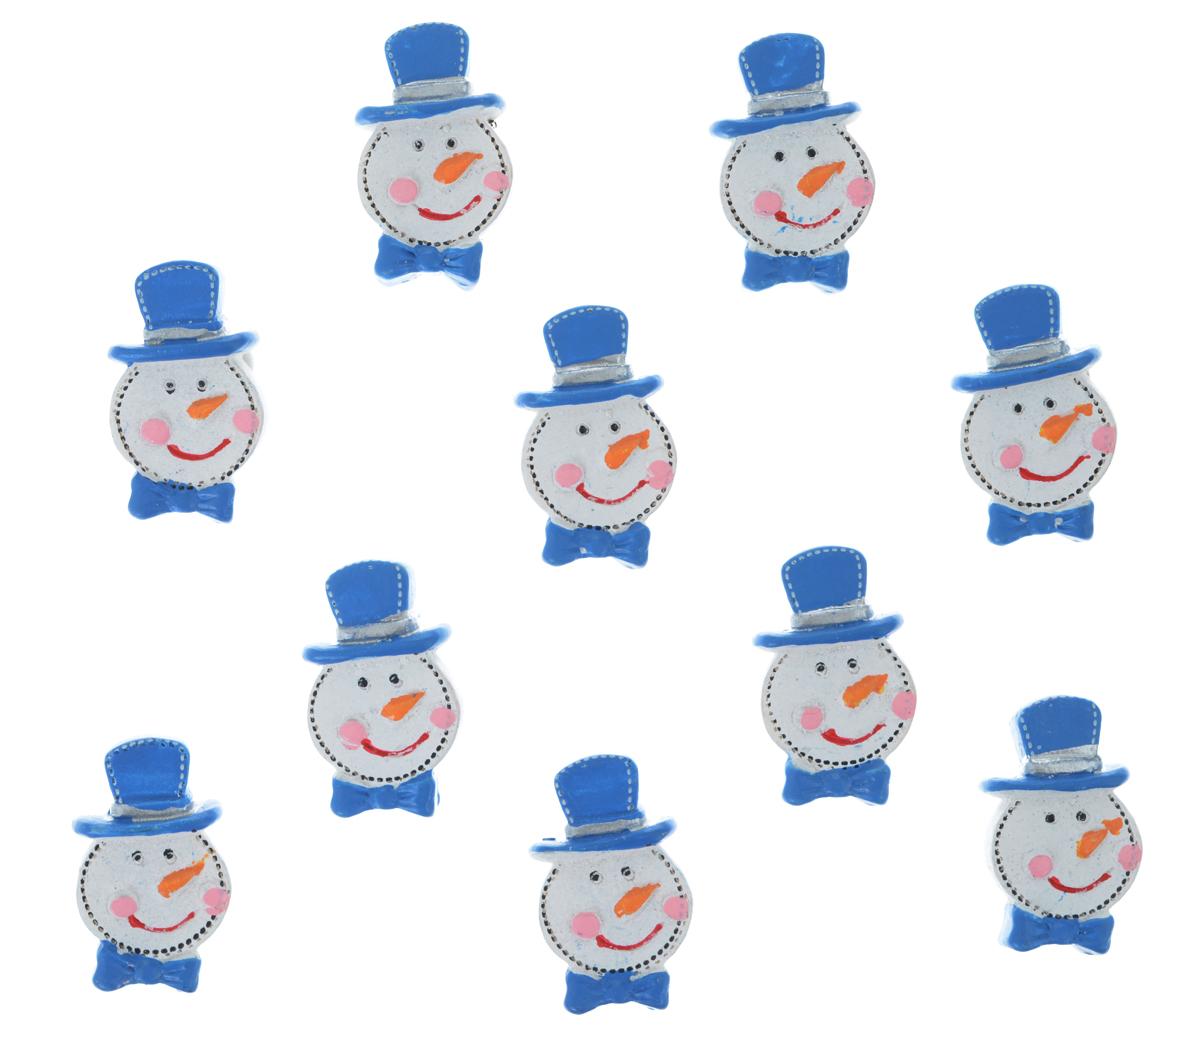 Набор декоративных украшений Lunten Ranta Снеговик в шляпе, на стикере, цвет: белый, синий, 10 шт63577_1Декоративные украшения Lunten Ranta Снеговик в шляпе изготовлены из полирезина и прекрасно подойдут для декора любой поверхности. Их можно использовать для украшения фотоальбомов, подарков, конвертов и многого другого. В наборе - 10 украшений, которые крепятся к поверхности благодаря бумаге на клейкой основе с обратной стороны изделия.Творчество, рукоделие способно приносить массу приятных эмоций не только человеку, который этим занимается, но и его близким, друзьям, родным.Размер украшения: 3 см х 1.7 см х 0,8 см.